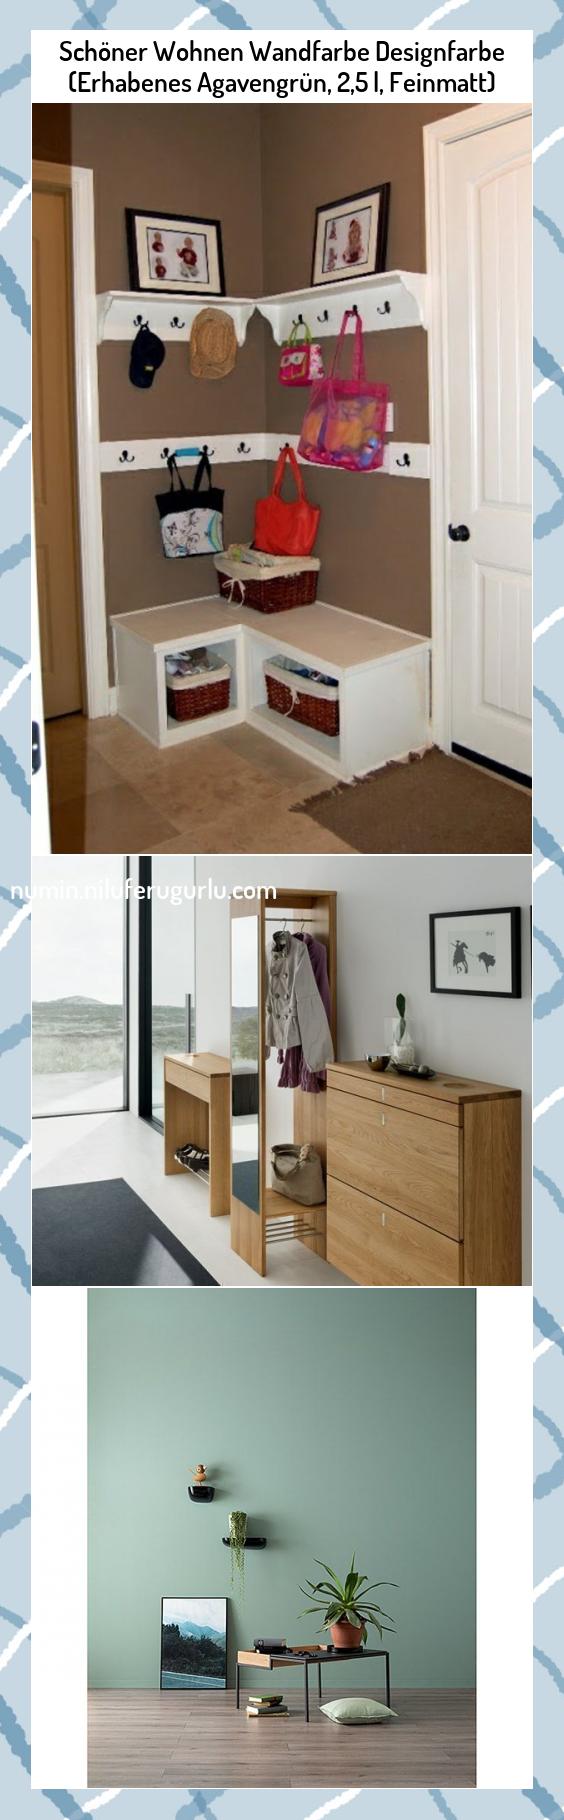 Schoner Wohnen Wandfarbe Designfarbe Erhabenes Agavengrun 2 5 L Feinmatt Schoner Wohnen Wandfarbe Designfarbe Erhabenes Ag In 2020 Home Decor Home Furniture